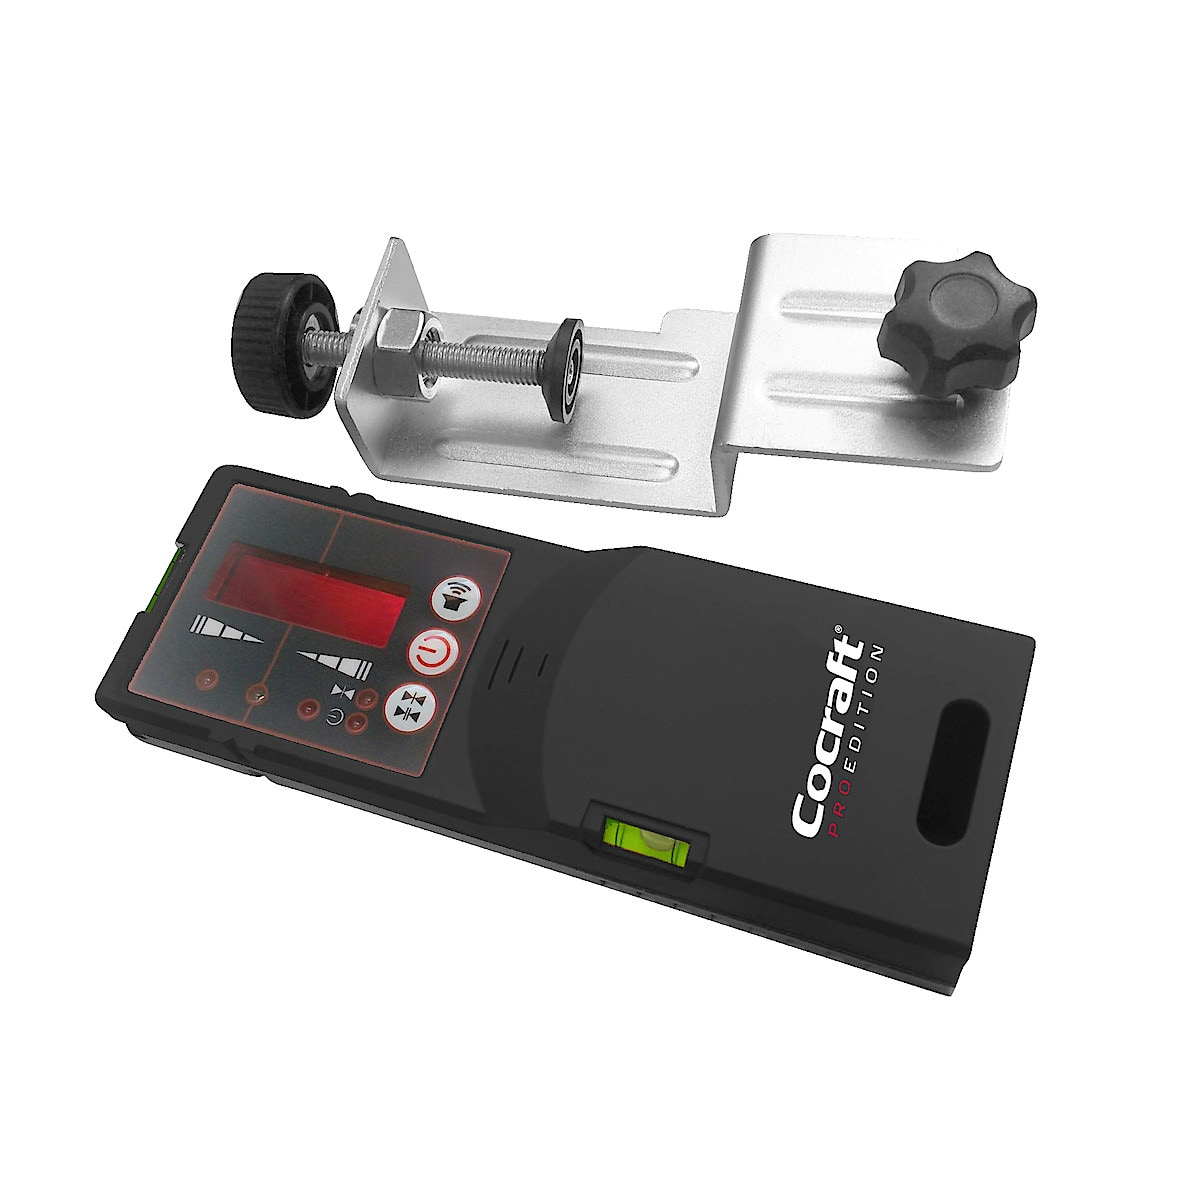 Laserempfänger Cocraft PRO Edition D50